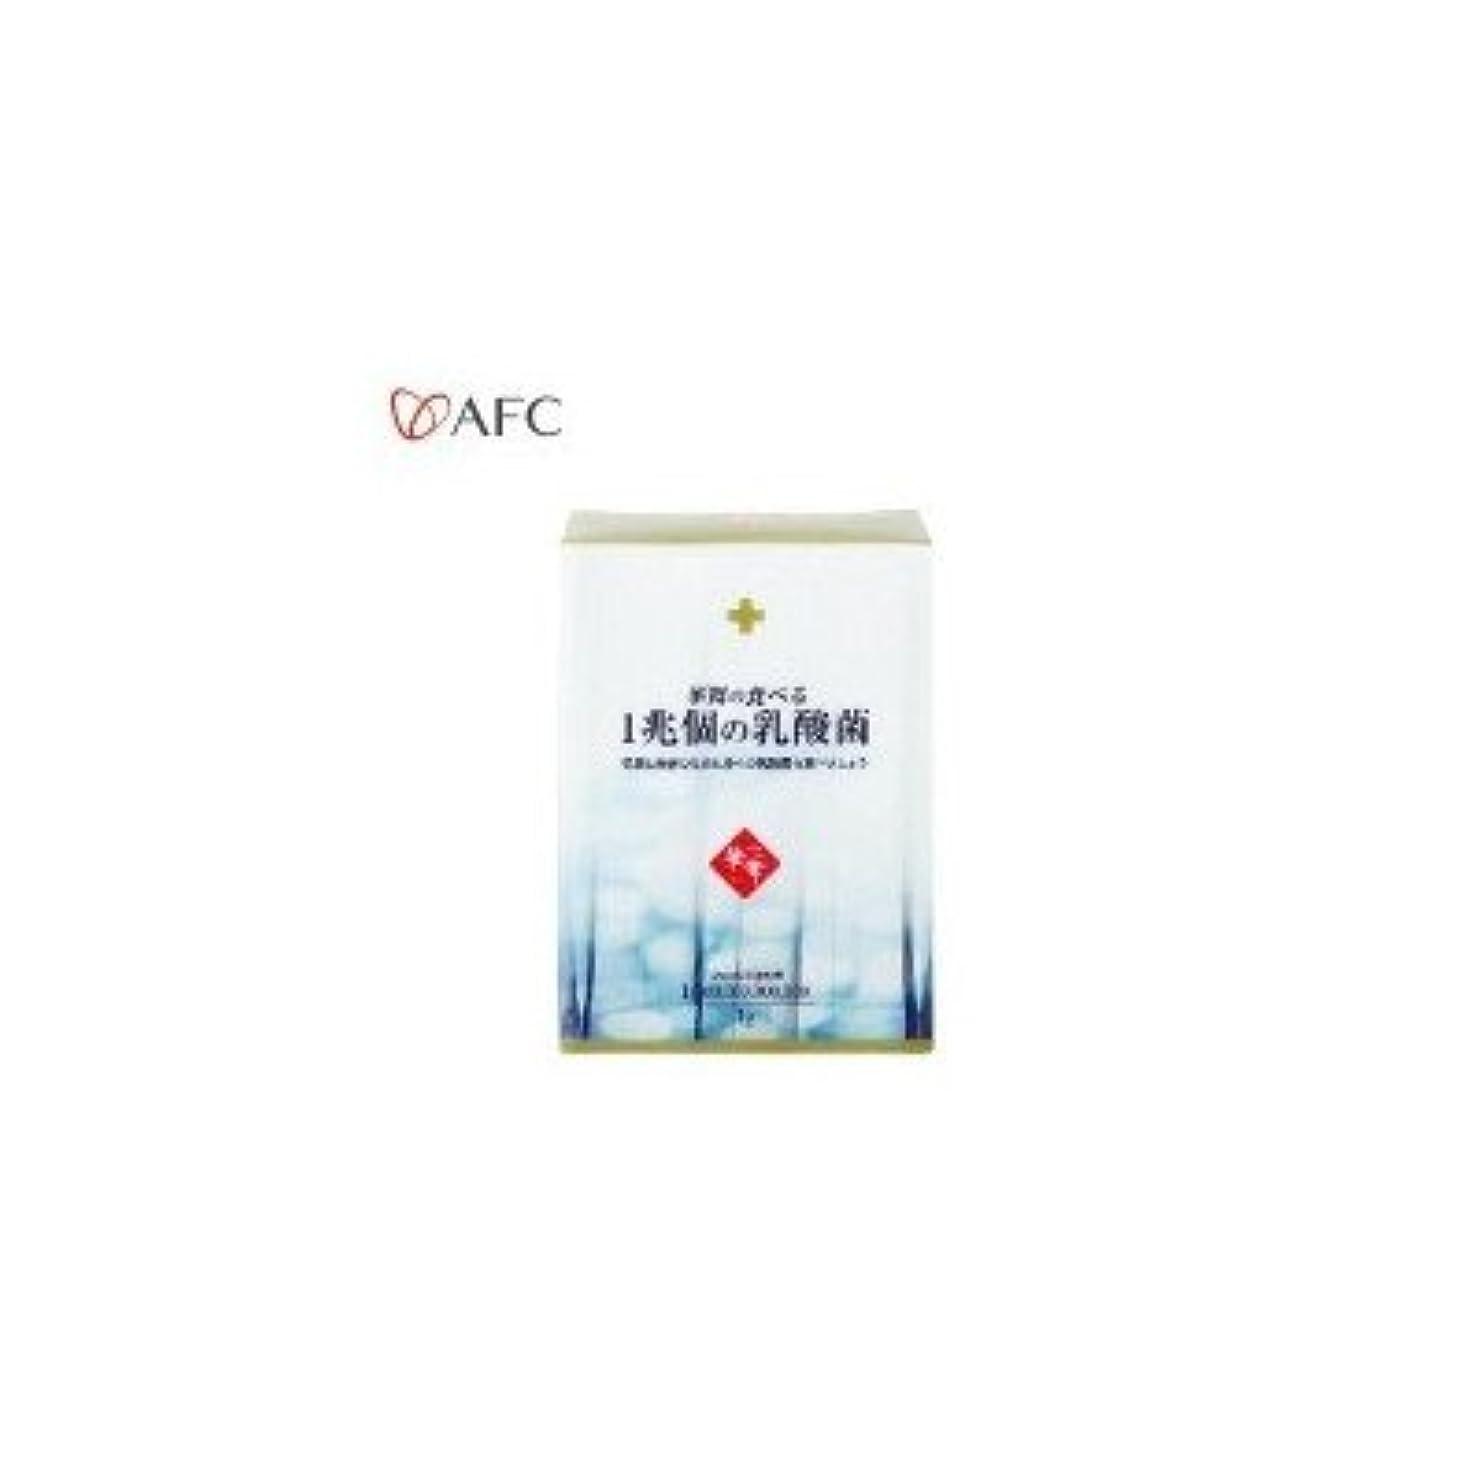 できる分解する盆地AFC 華舞シリーズ 華舞の1兆個の乳酸菌 スティックタイプ 30g(1g×30本) 3222 爽やかなヨーグルト 持ち運びにも便利なスティックタイプ